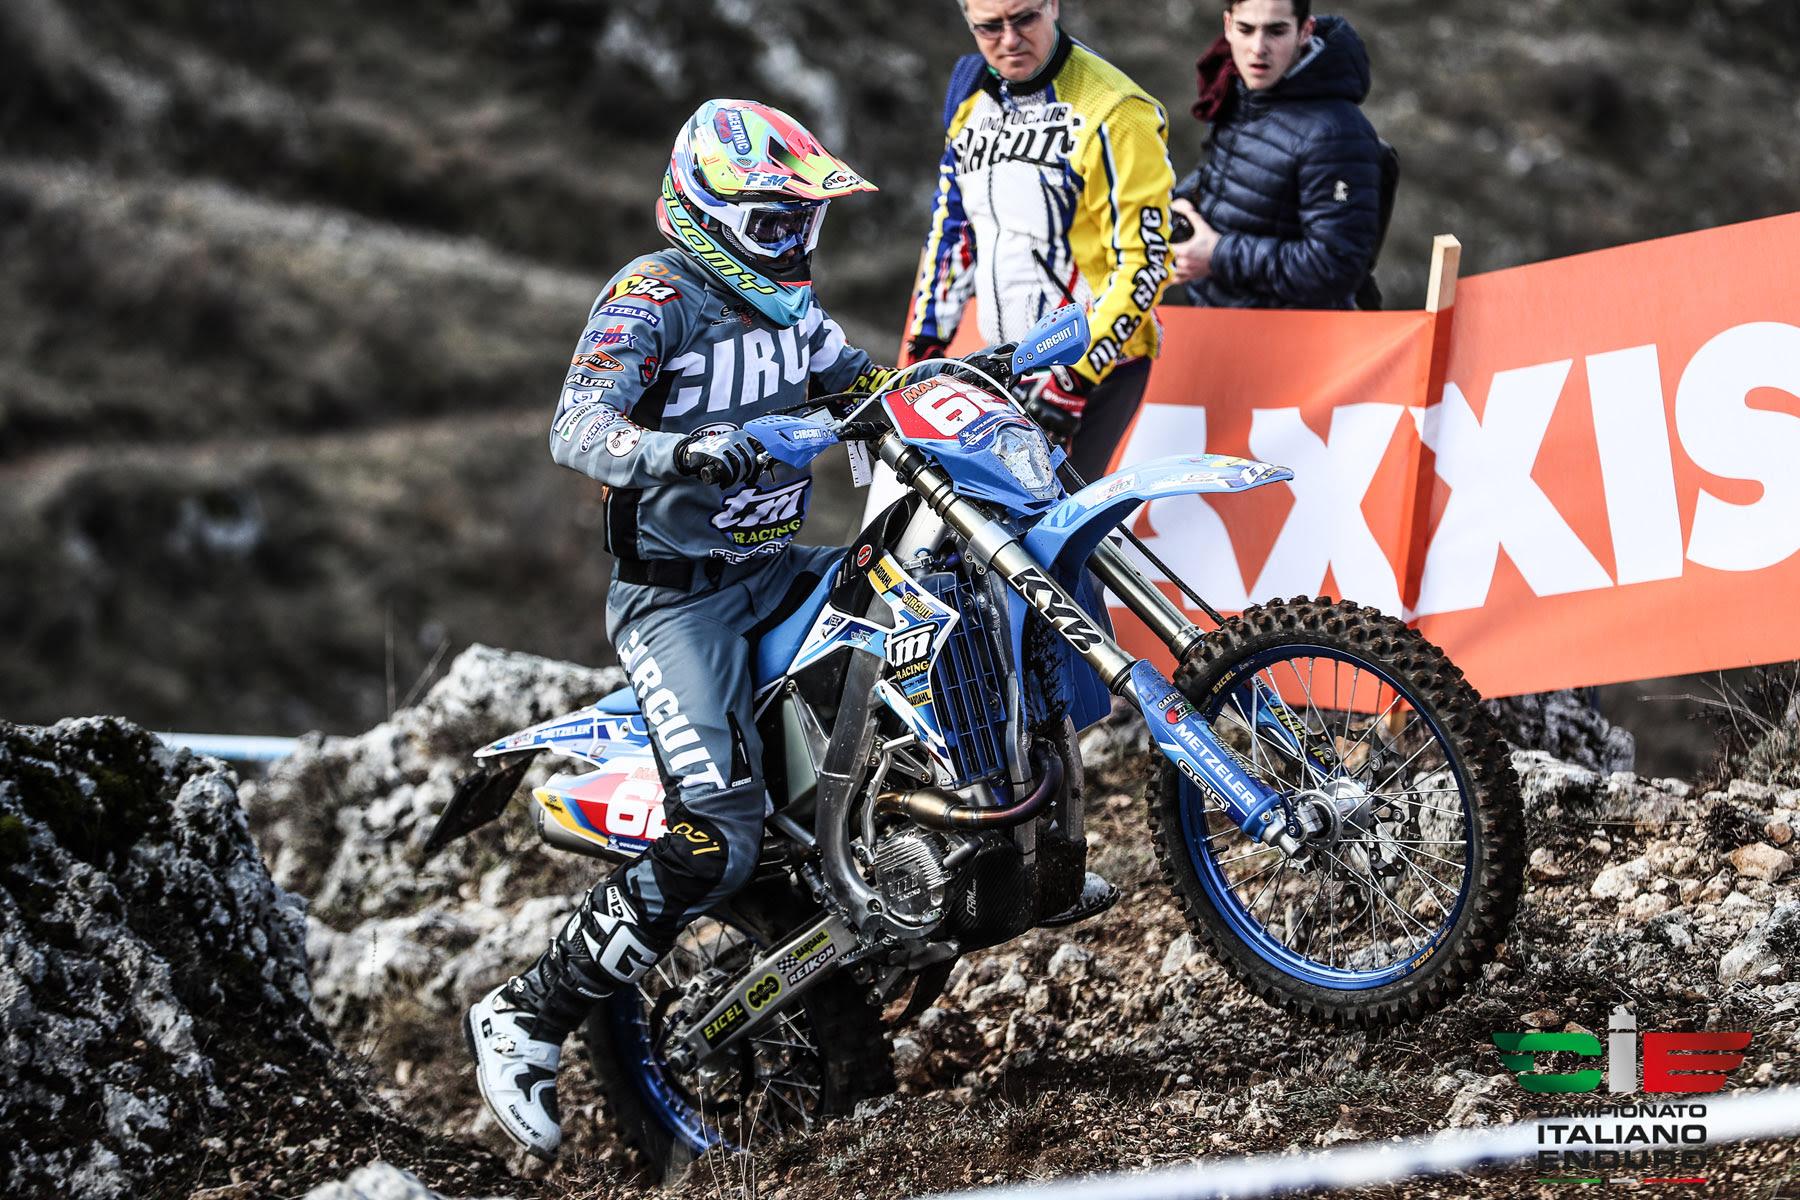 Campionato Italiano Enduro a Gioia Dei Marsi, Loic Larrieu vince la prima giornata degli Assoluti d'Italia Maxxis 2019